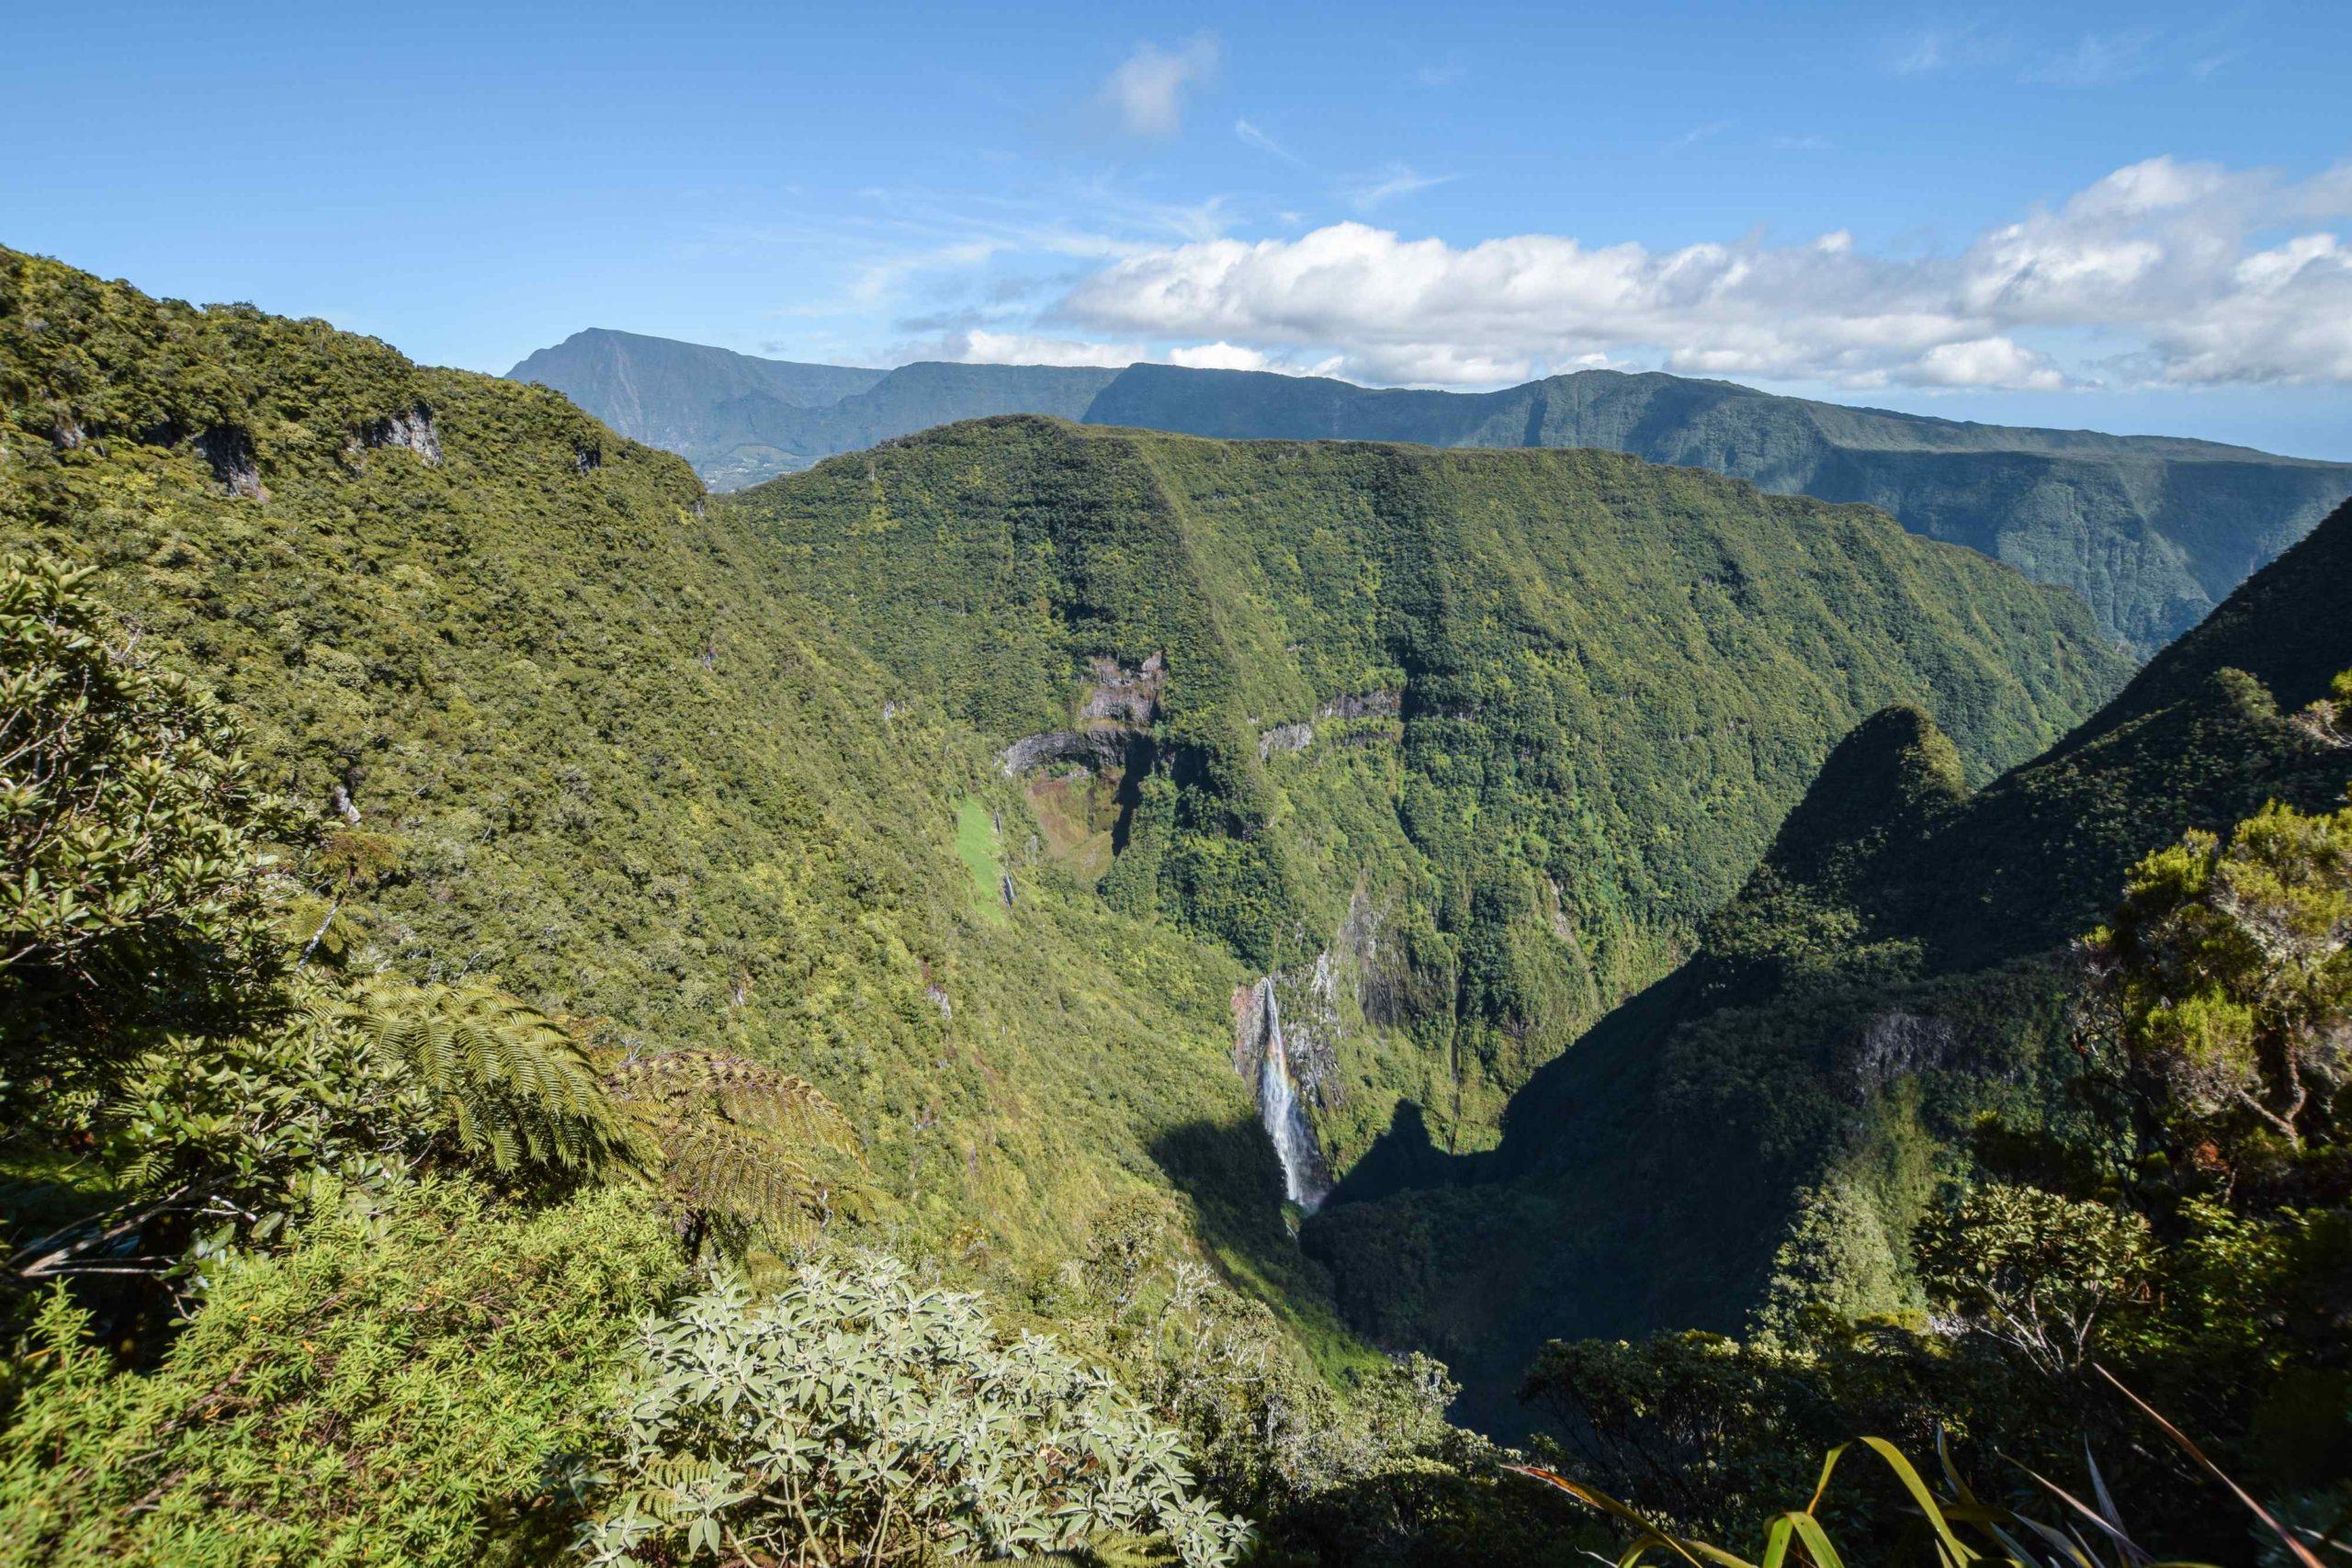 La Réunion - Le Trou de Fer